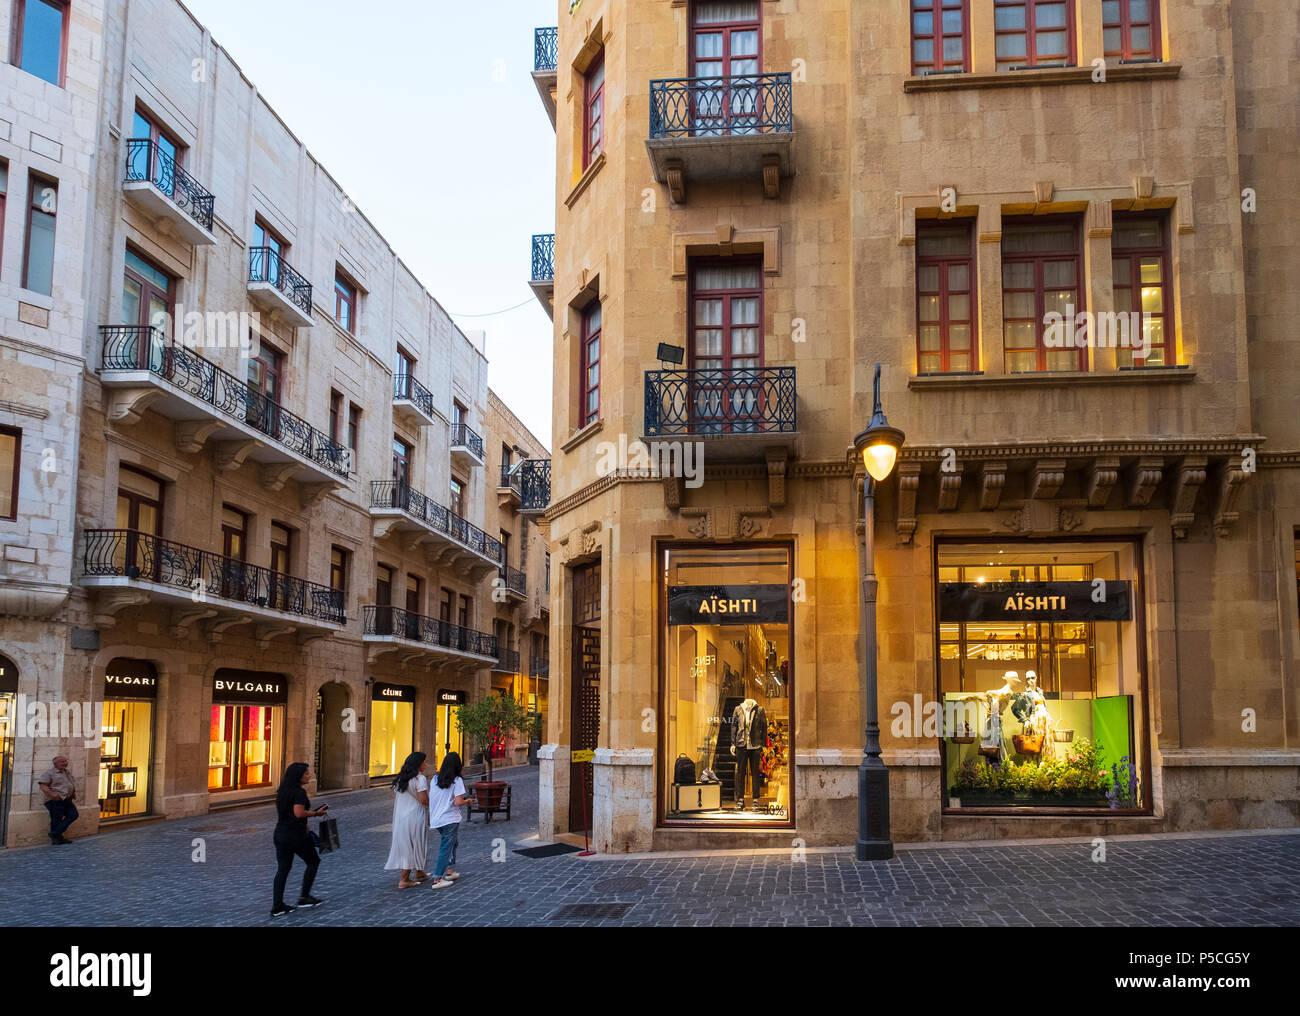 Boutiques de mode sur rue en centre-ville restauré Beyrouth, Liban Photo Stock